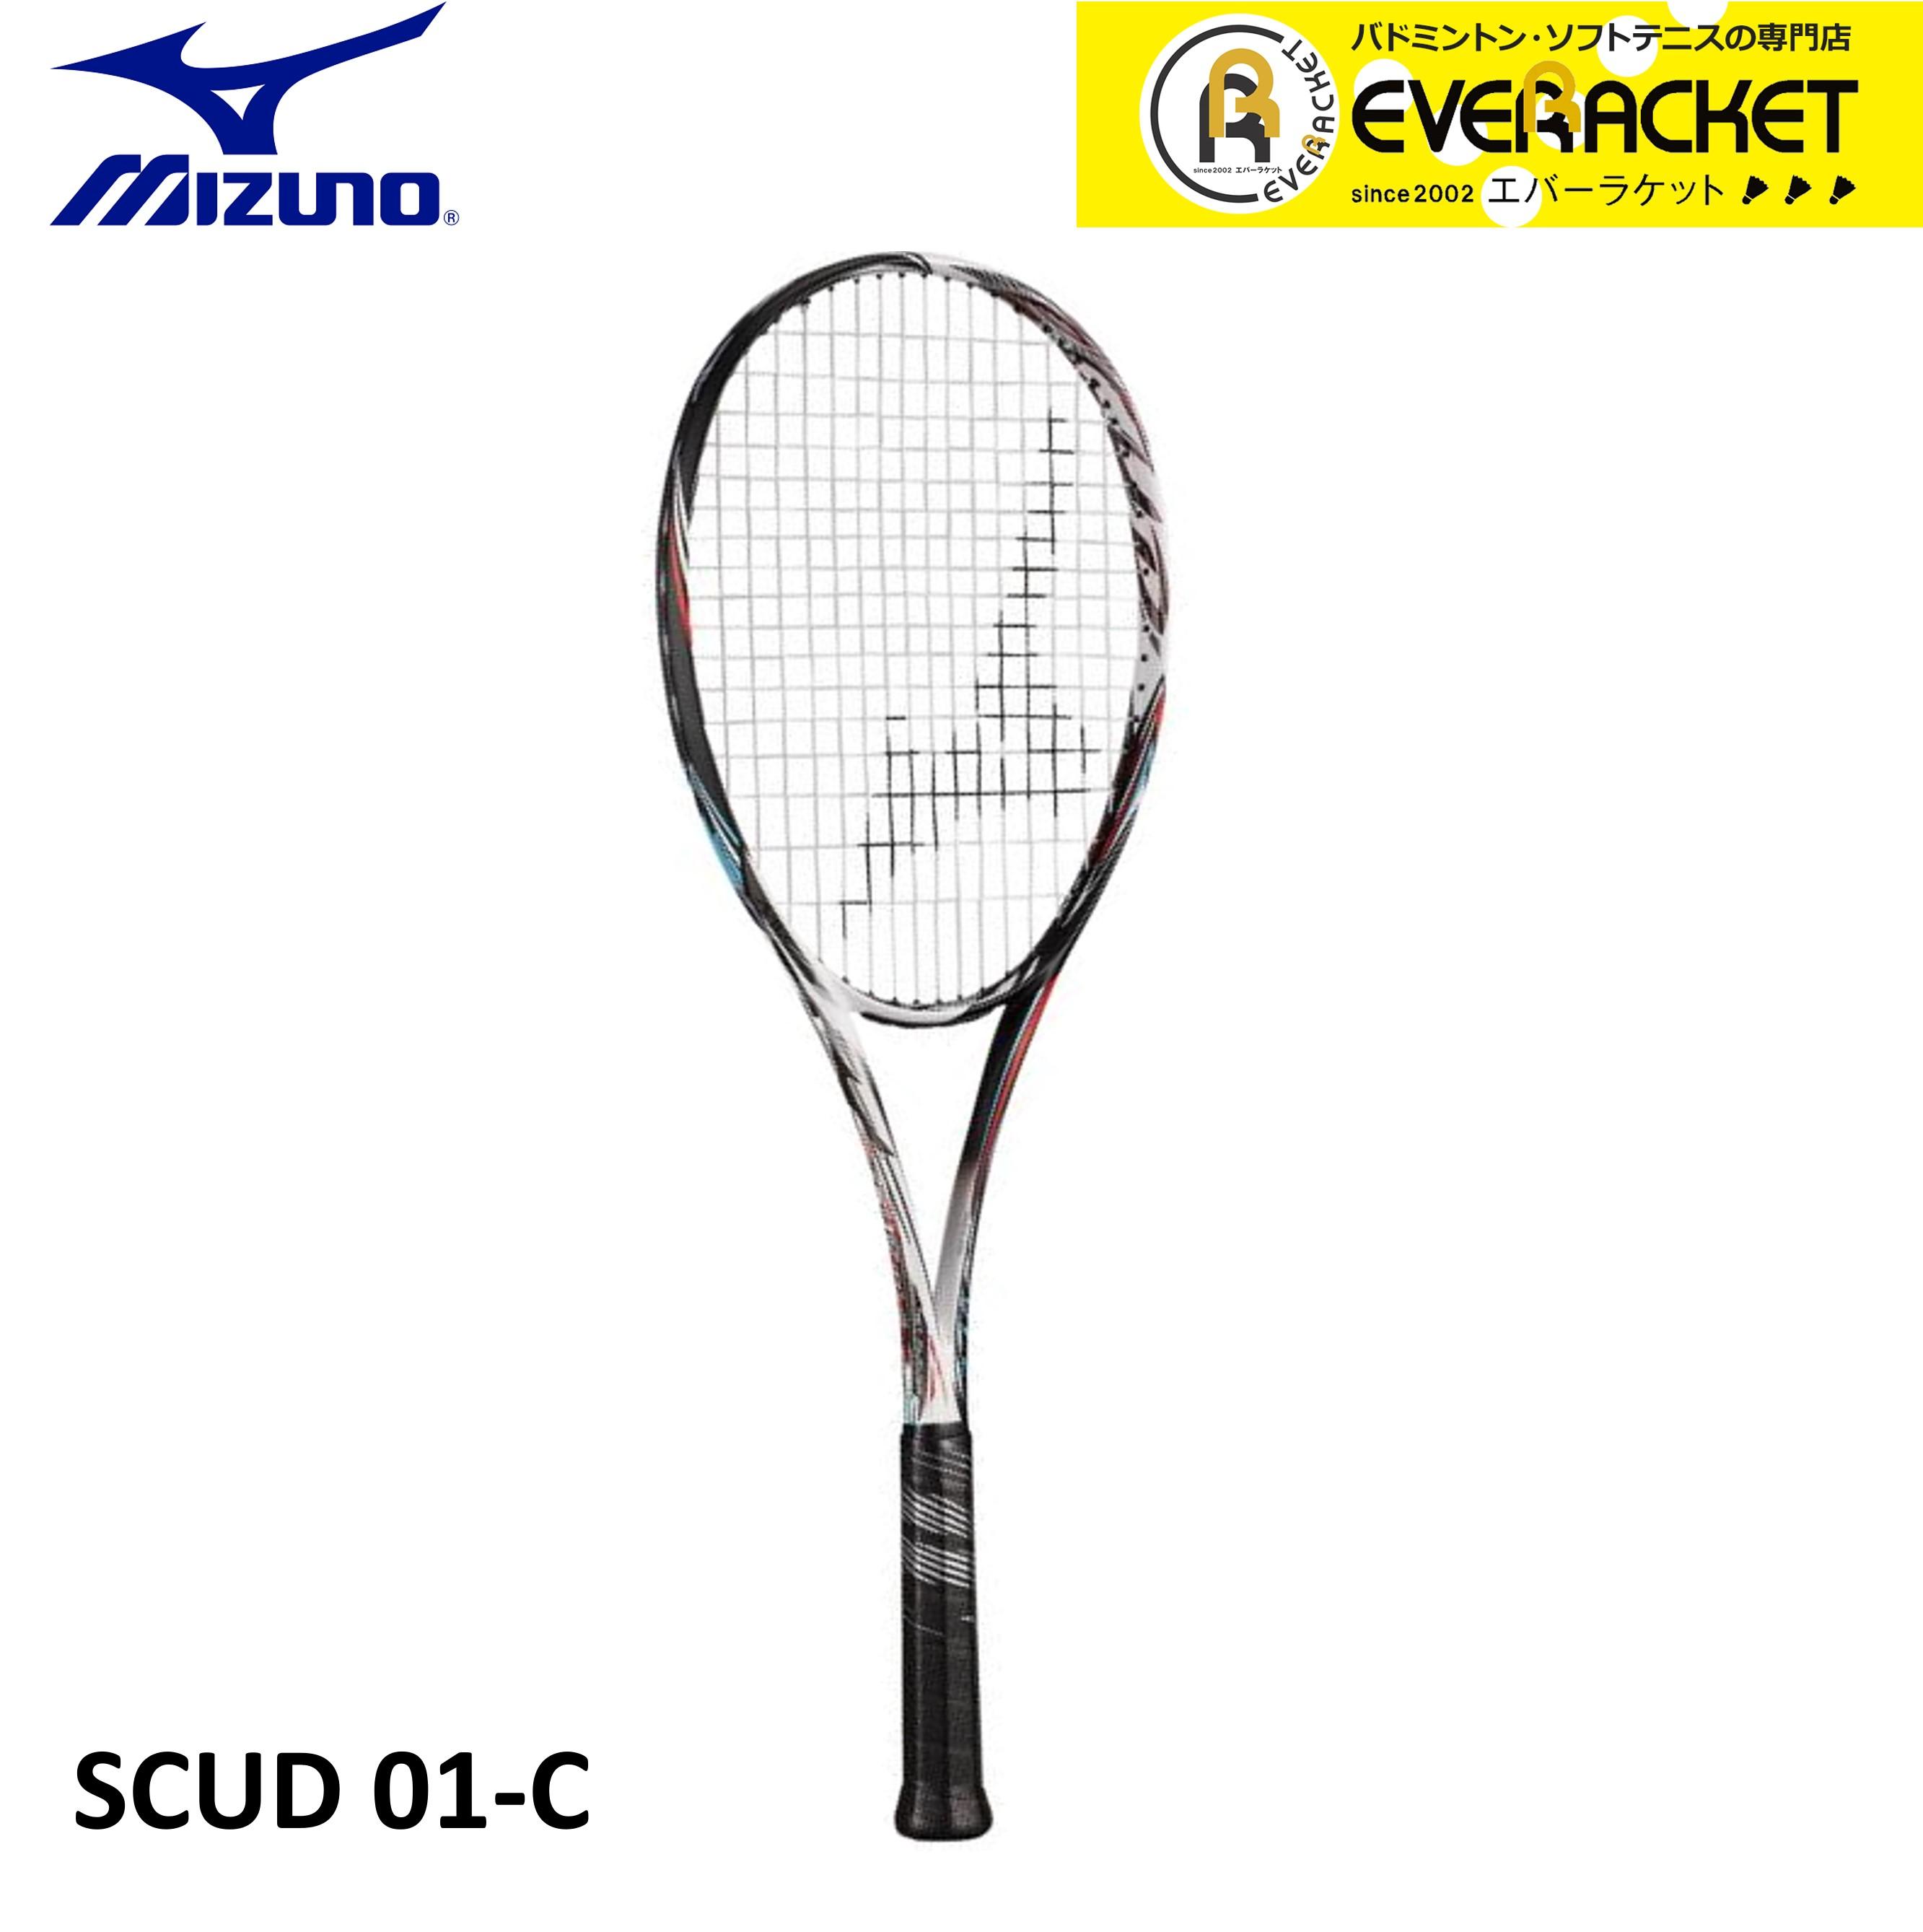 ミズノ MIZUNO ソフトテニスラケット SCUD 01-C 63JTN05462 ソフトテニス